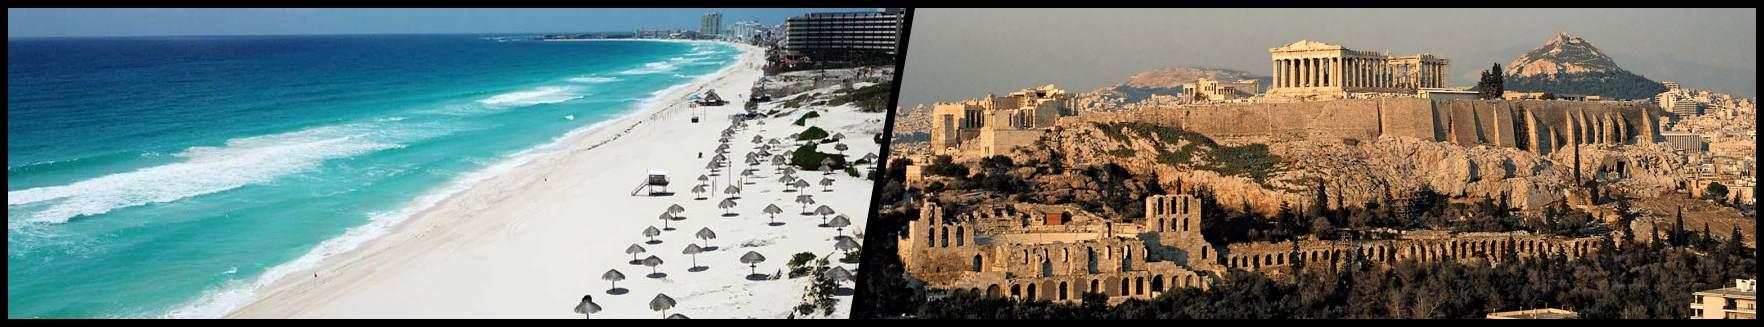 Cancun - Athens